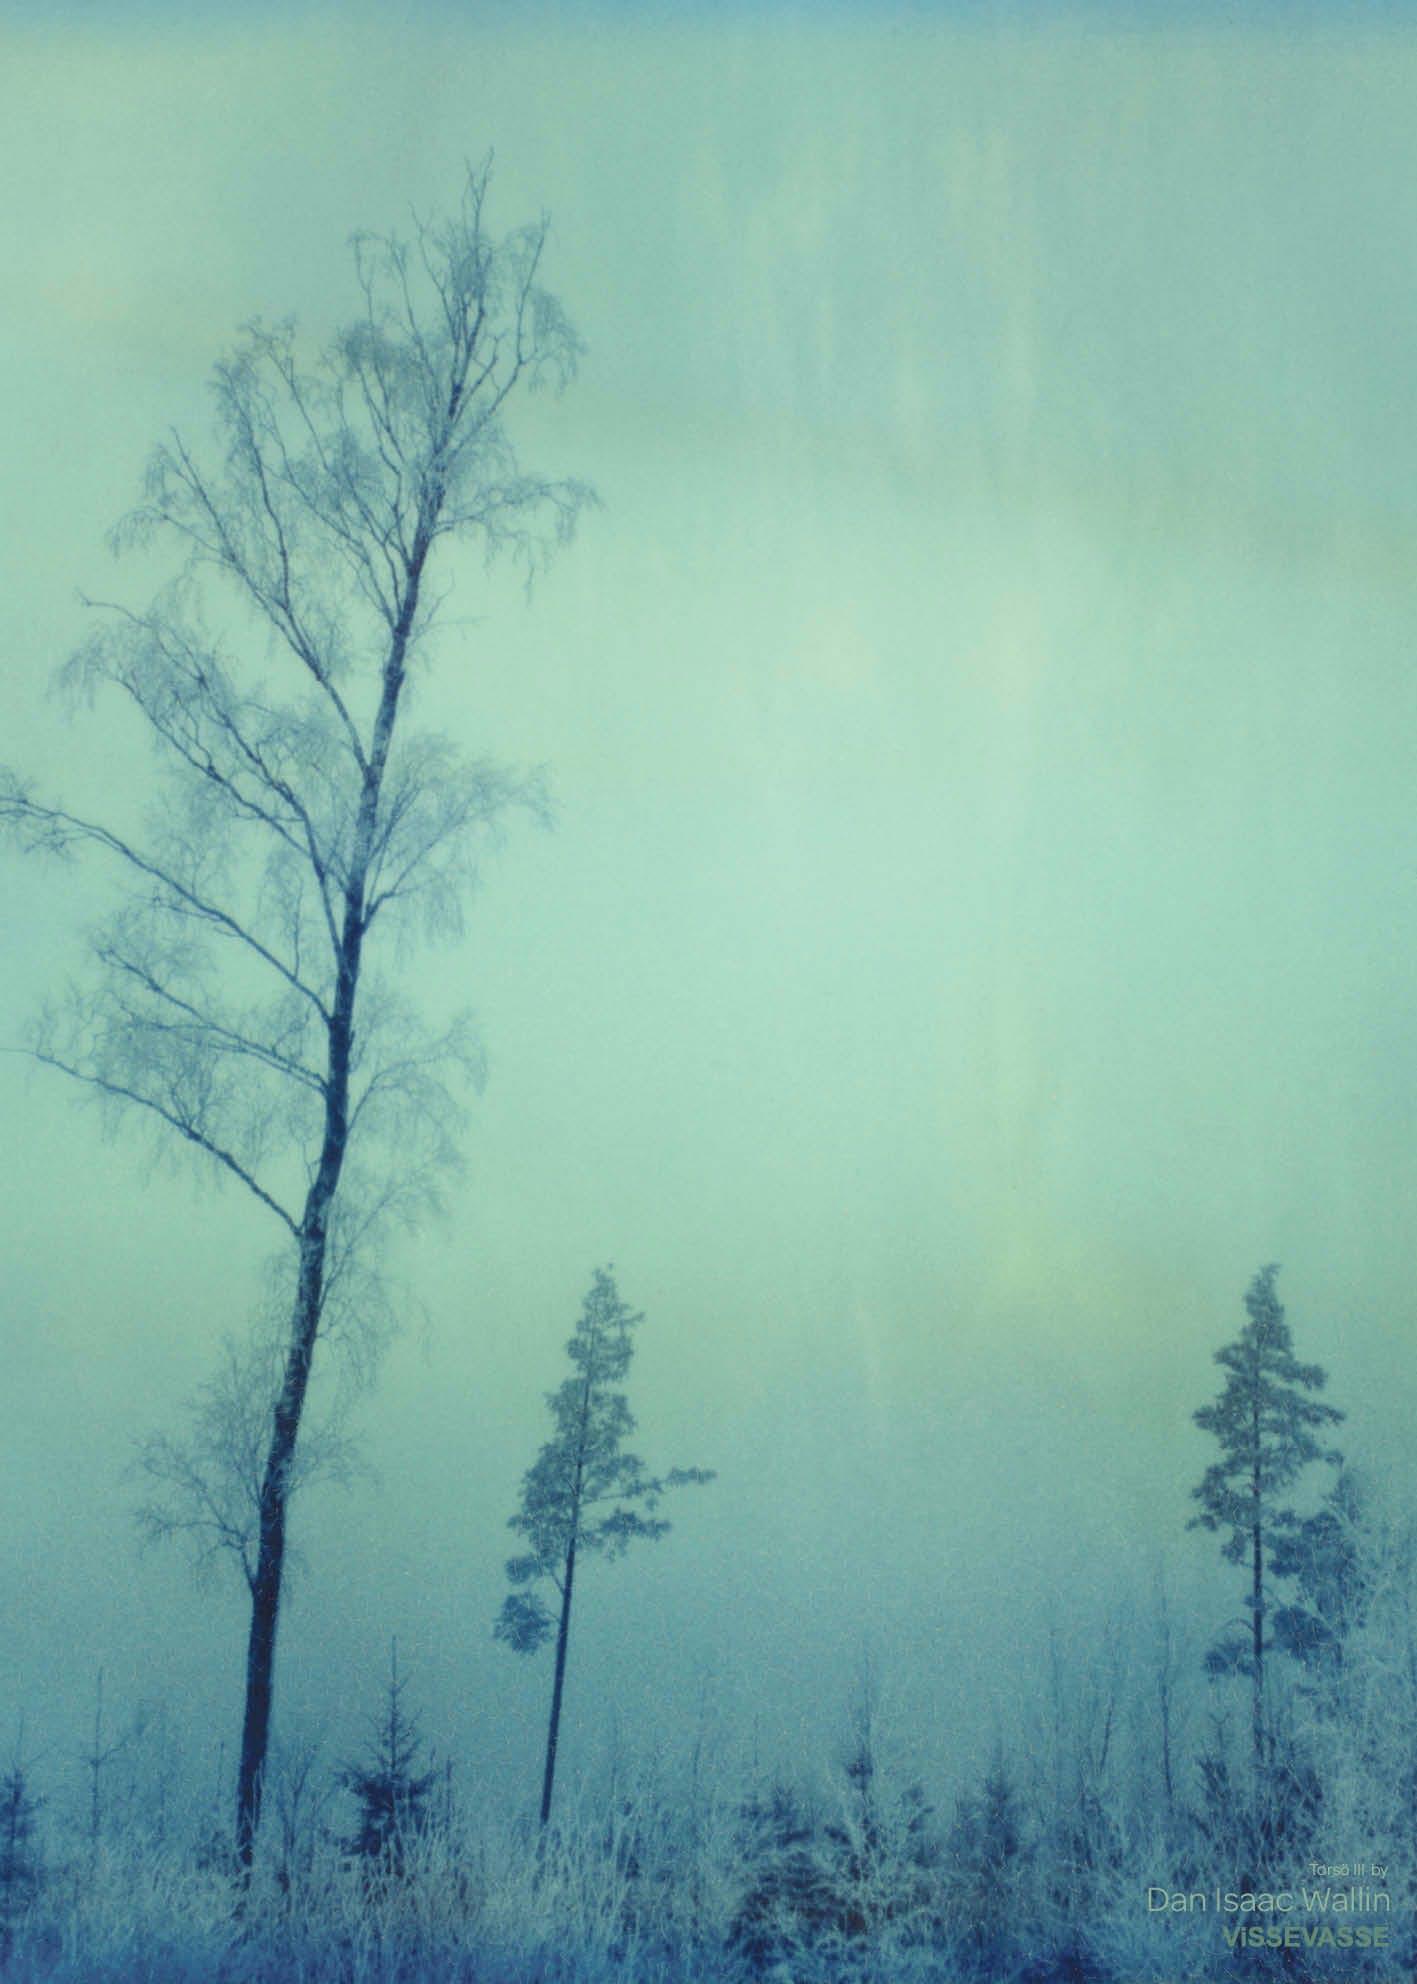 ViSSEVASSE plakat i blå af træer med sne